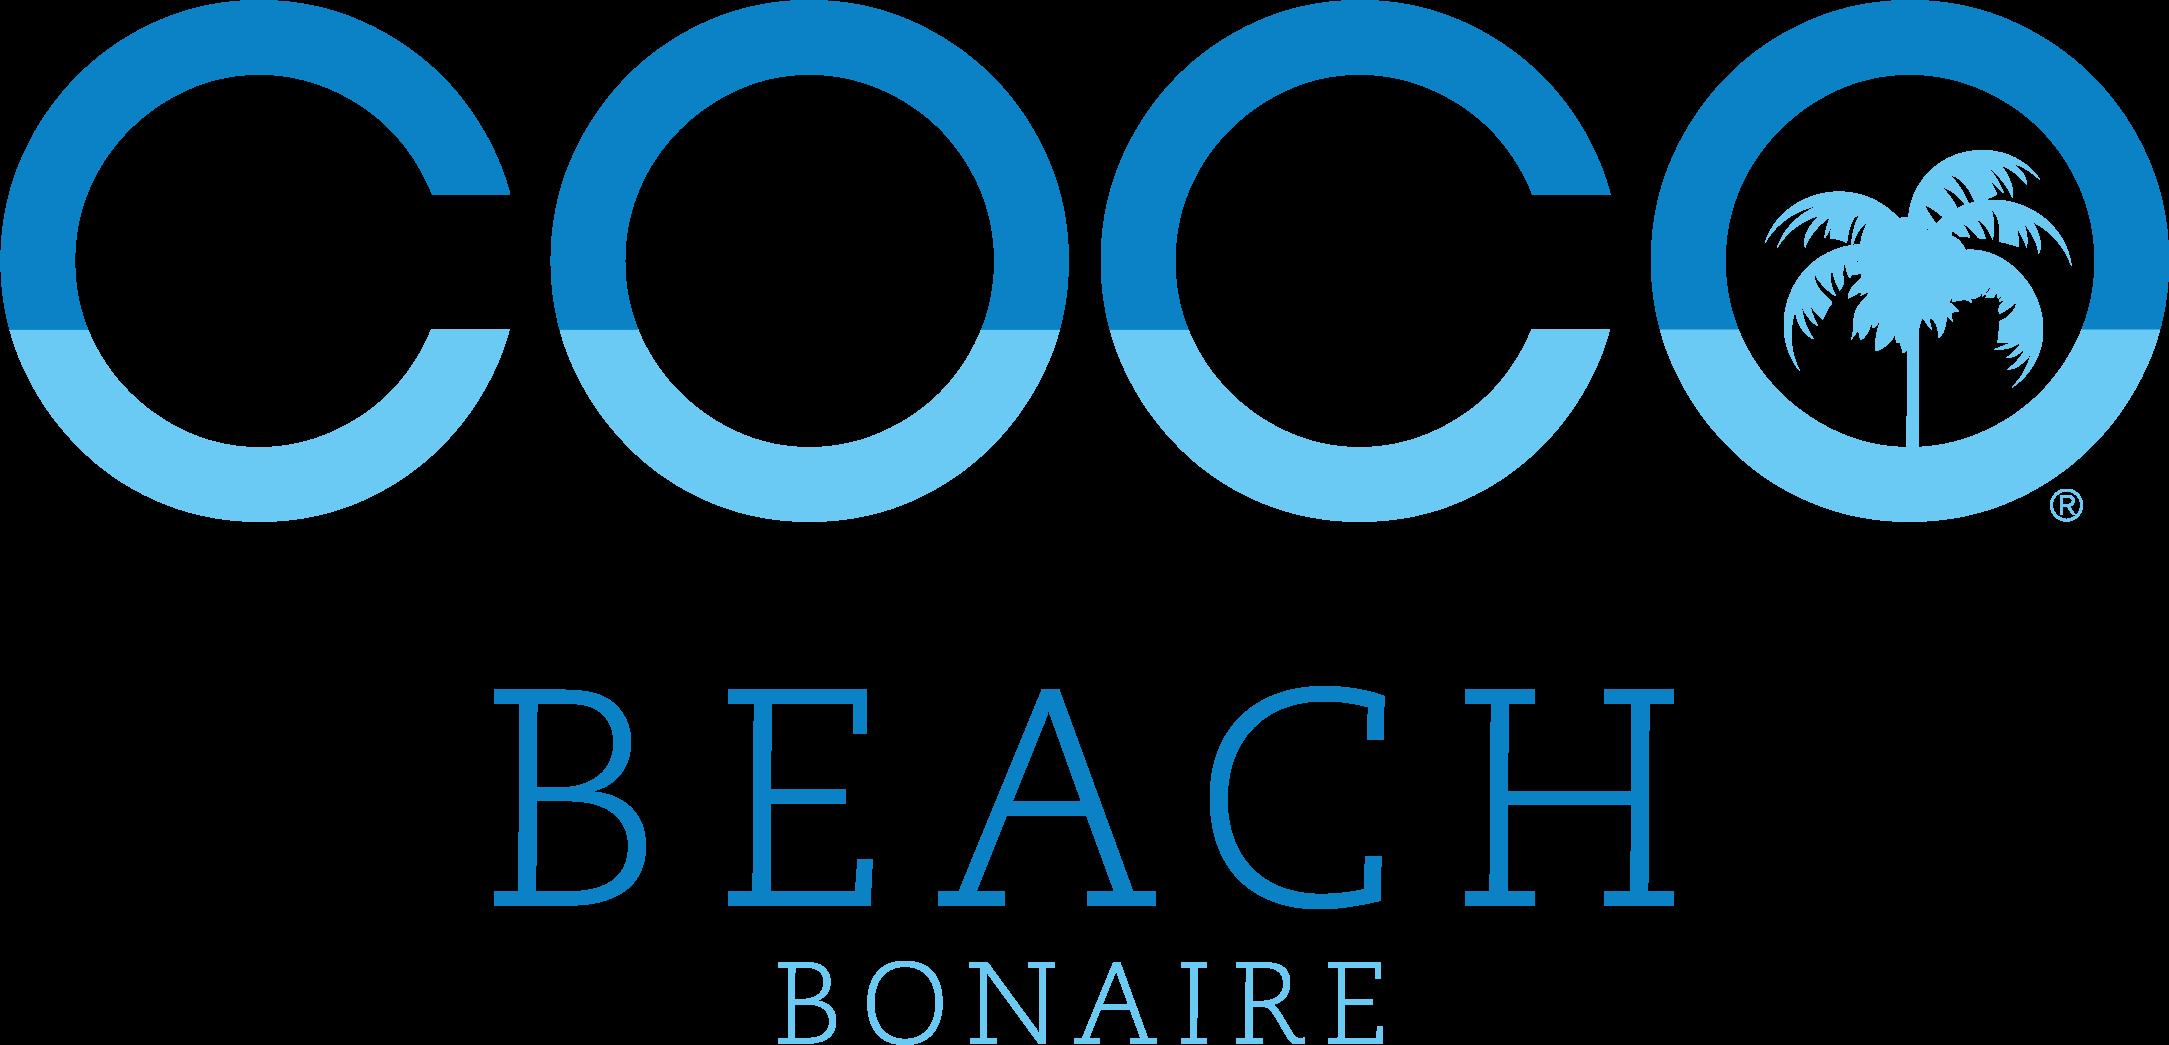 Coco Beach Logo FC